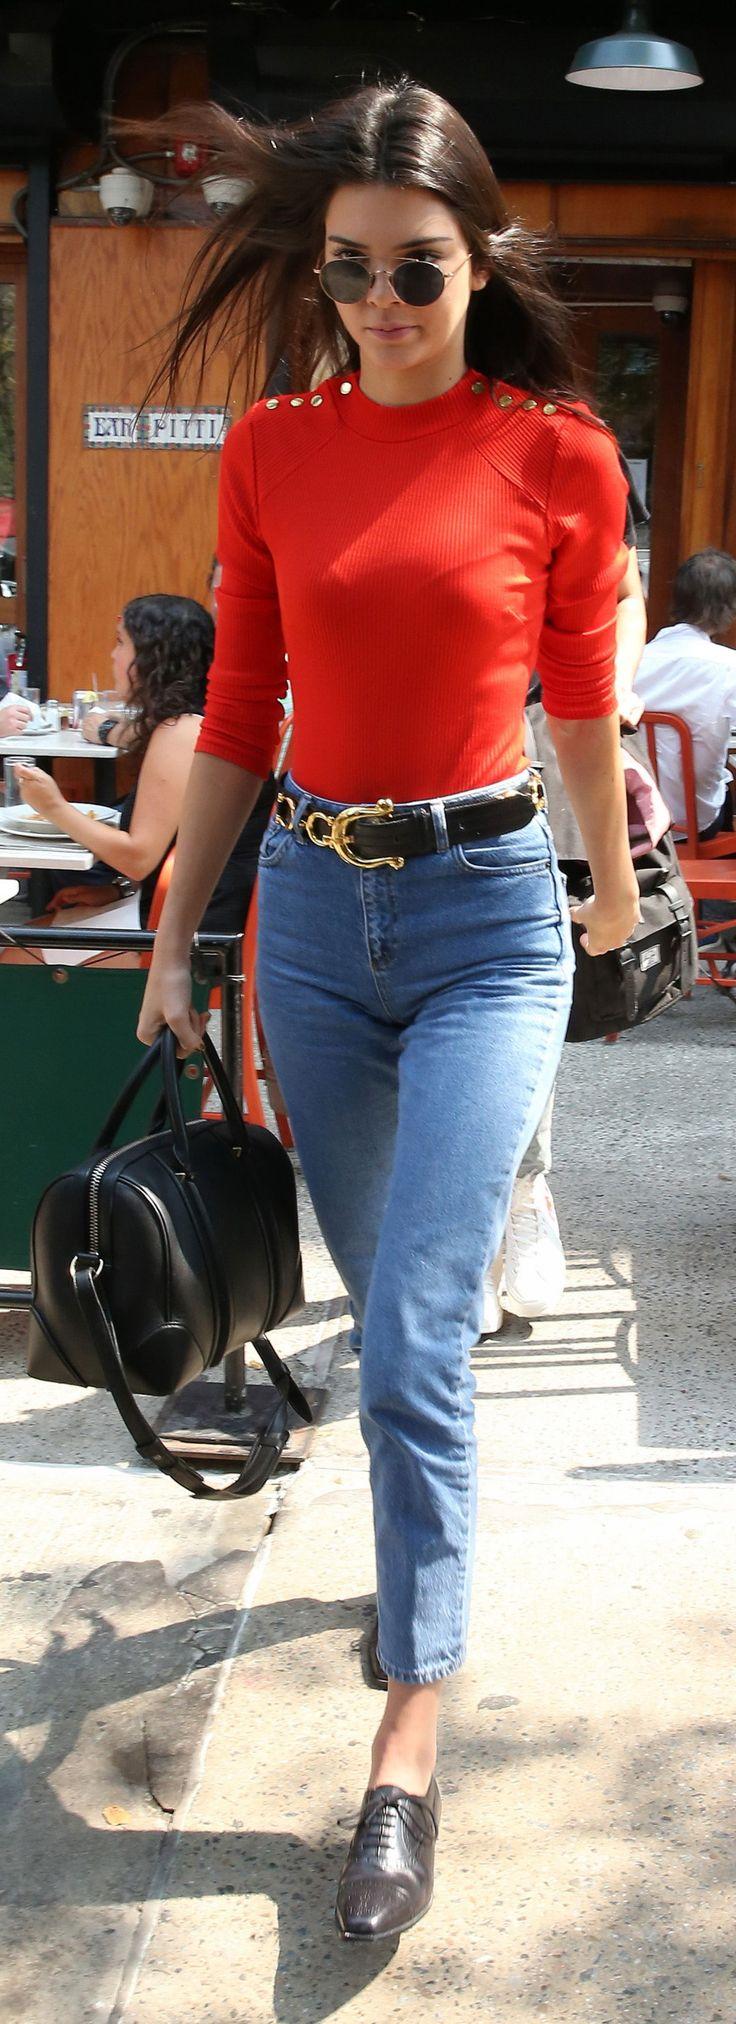 Kendall Jenner en los pantalones vaqueros de talle alto adornado con un cinturón de declaración, una camisa de manga tres cuartos brillante, zapatos Oxford, y una bolsa de cuero.